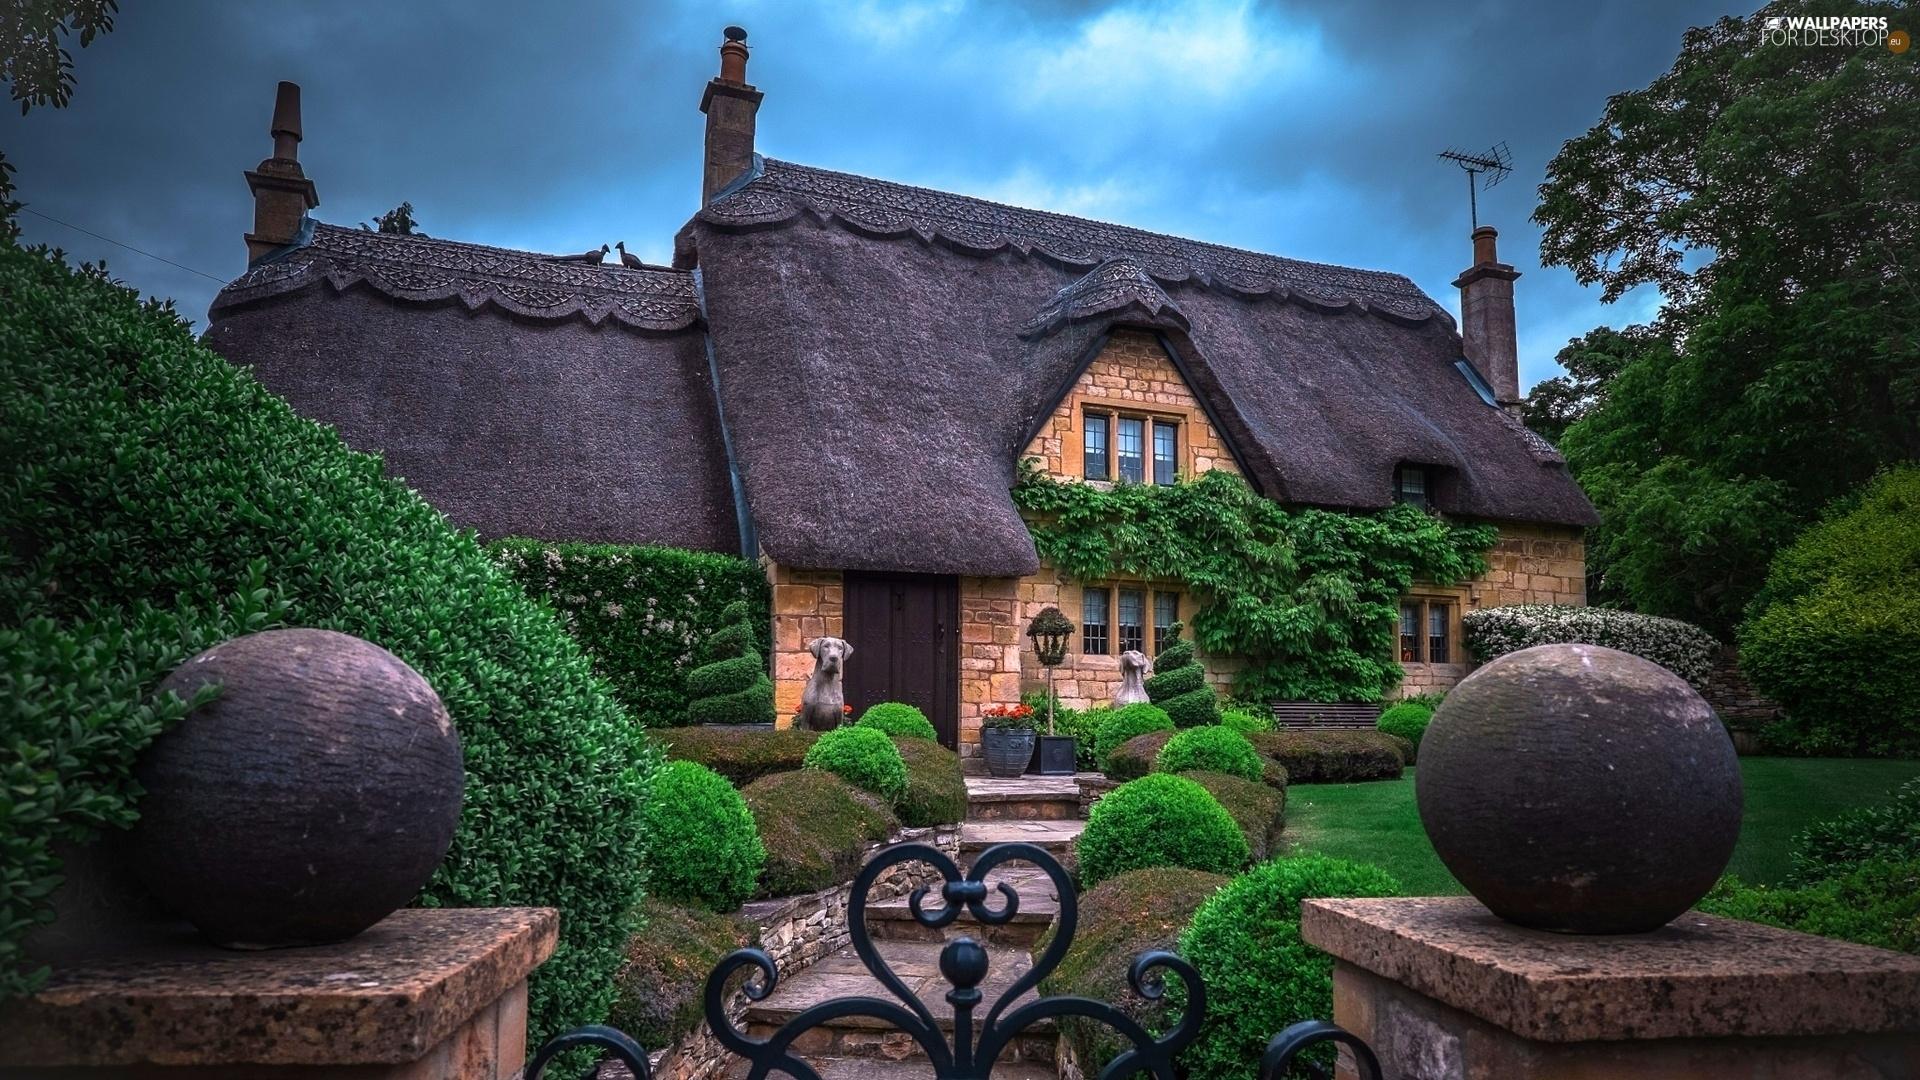 England garden cloudy day house for desktop for Wallpaper home england